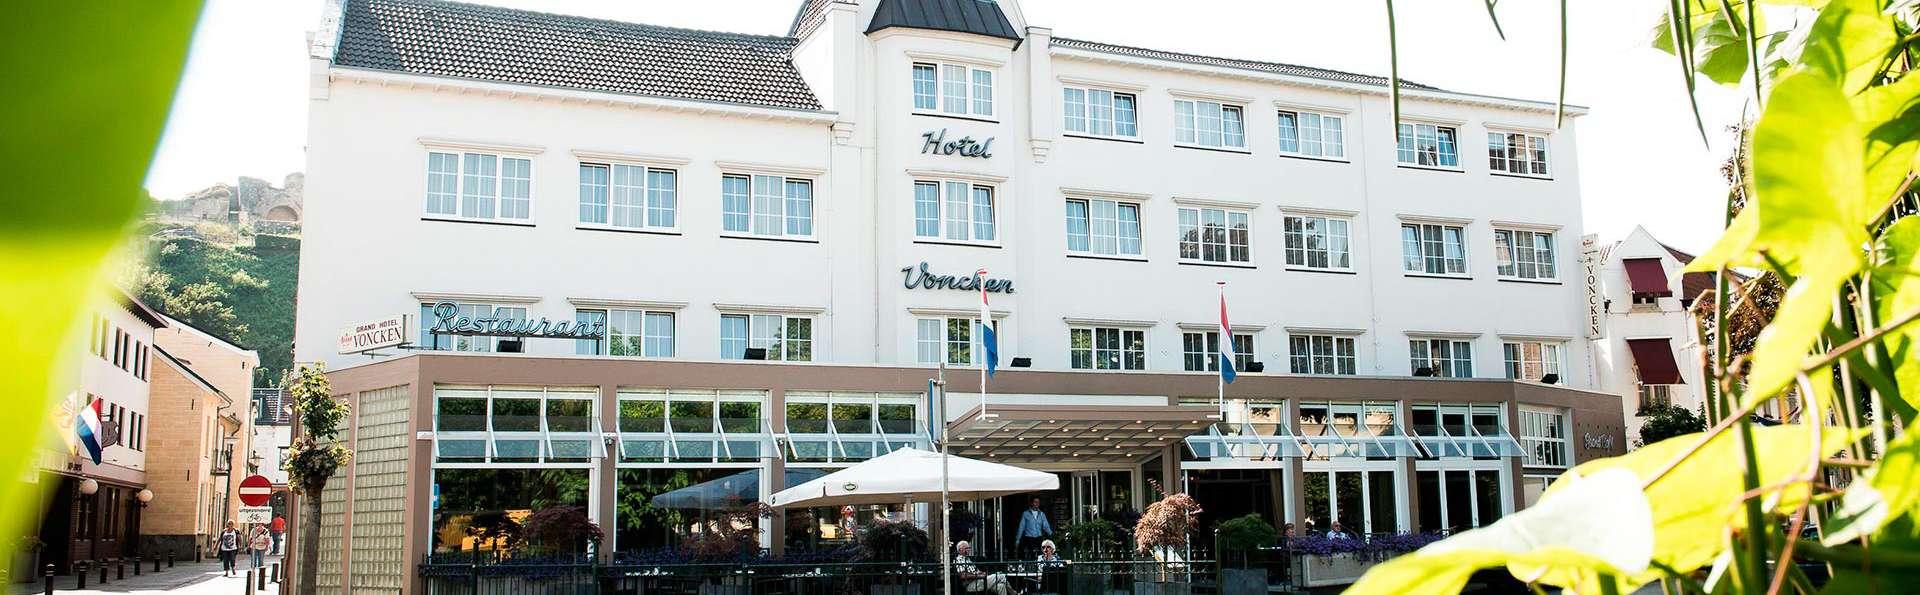 Hampshire Hotel – Voncken Valkenburg - EDIT_front1.jpg